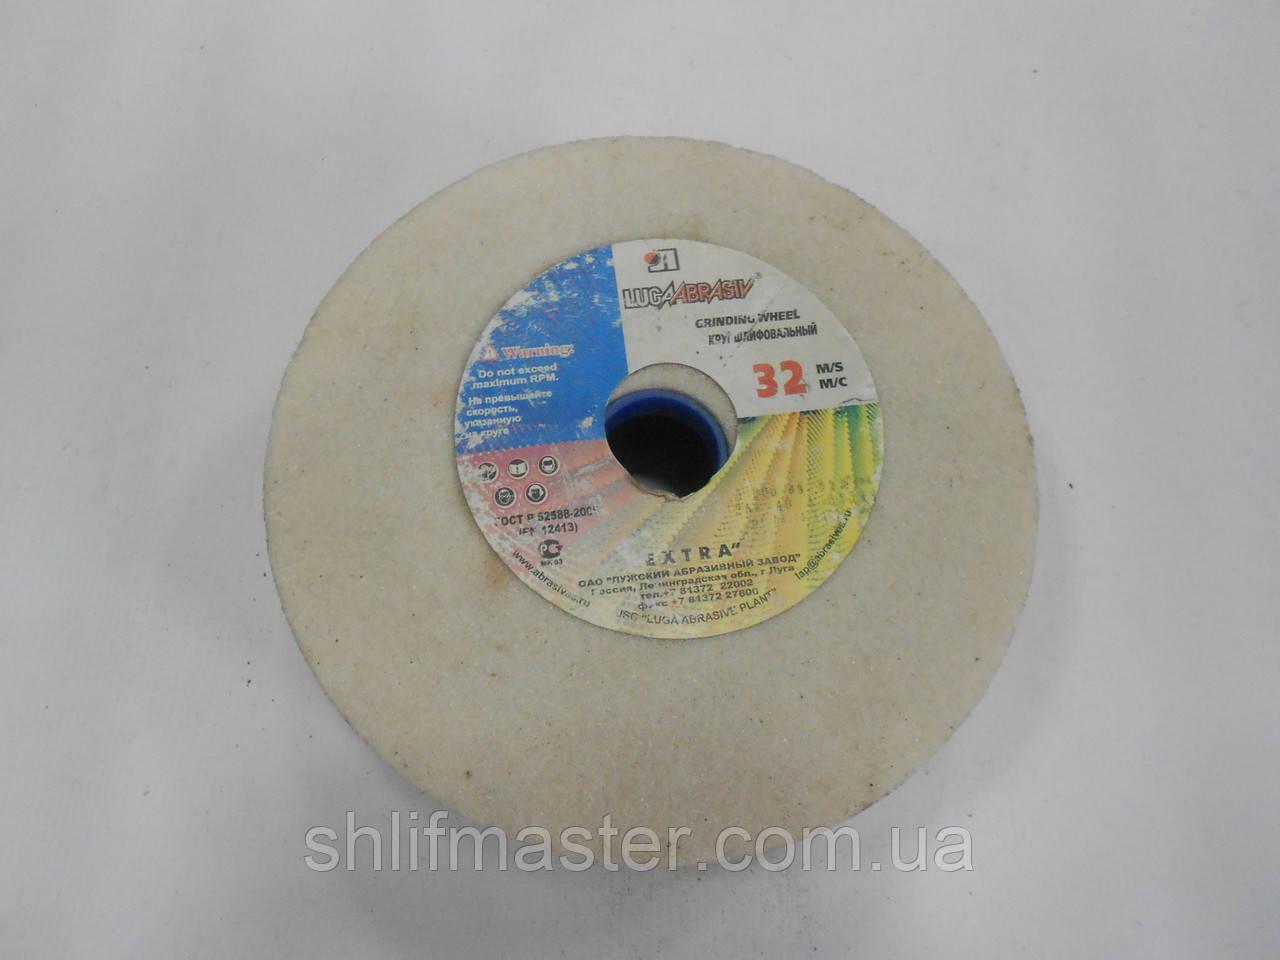 Чашка цилиндрическая ЧЦ 25А керамическая шлифовальная 200х60х32 40 СМ